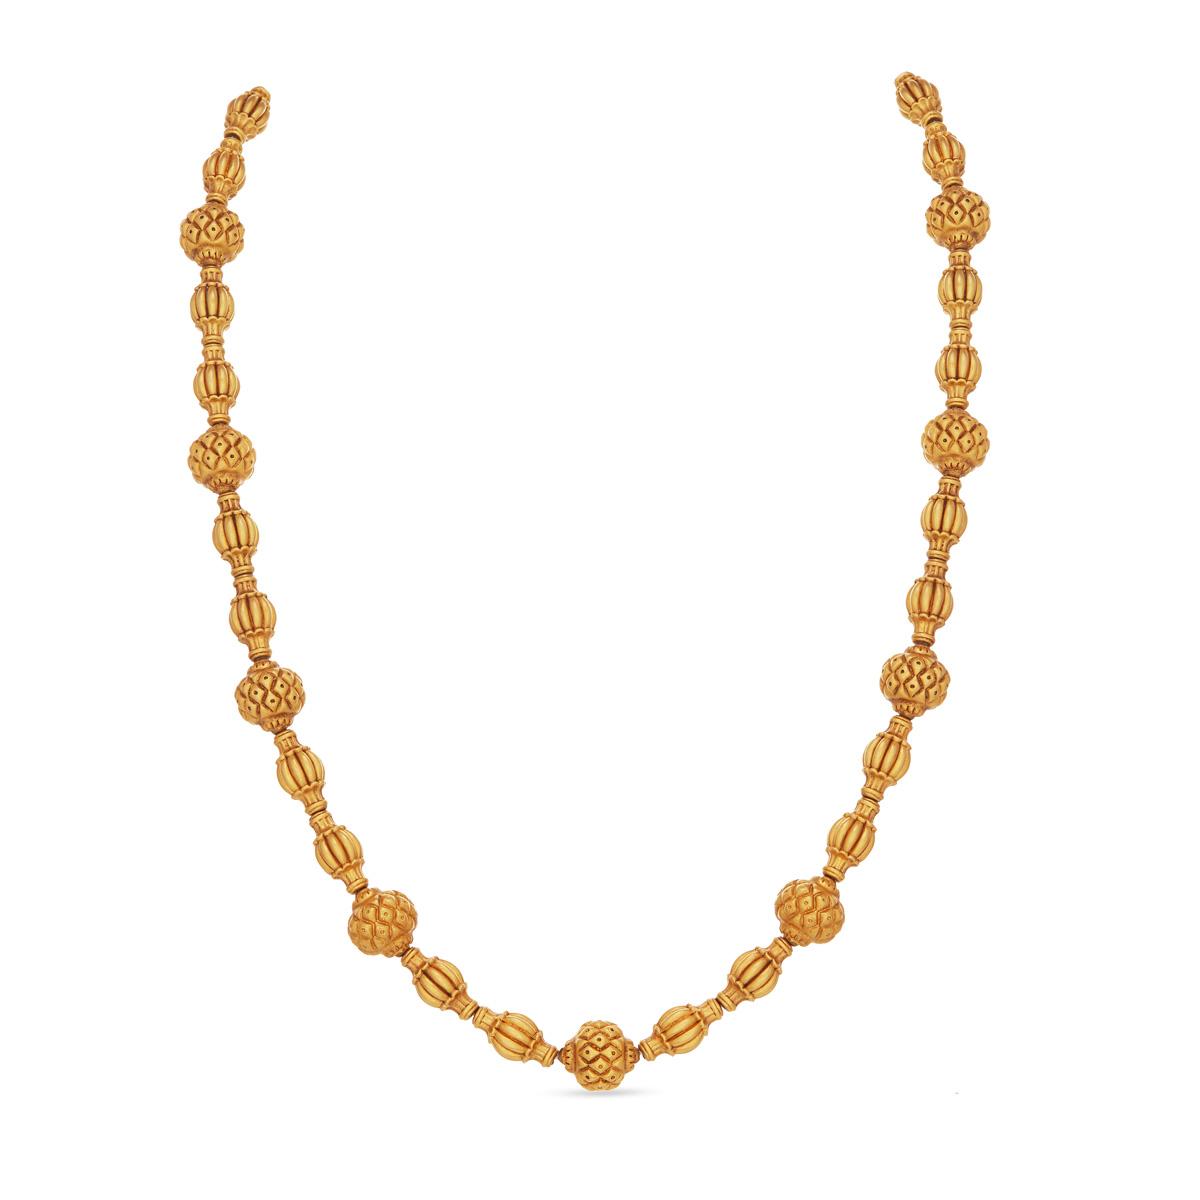 Aslesha Chain